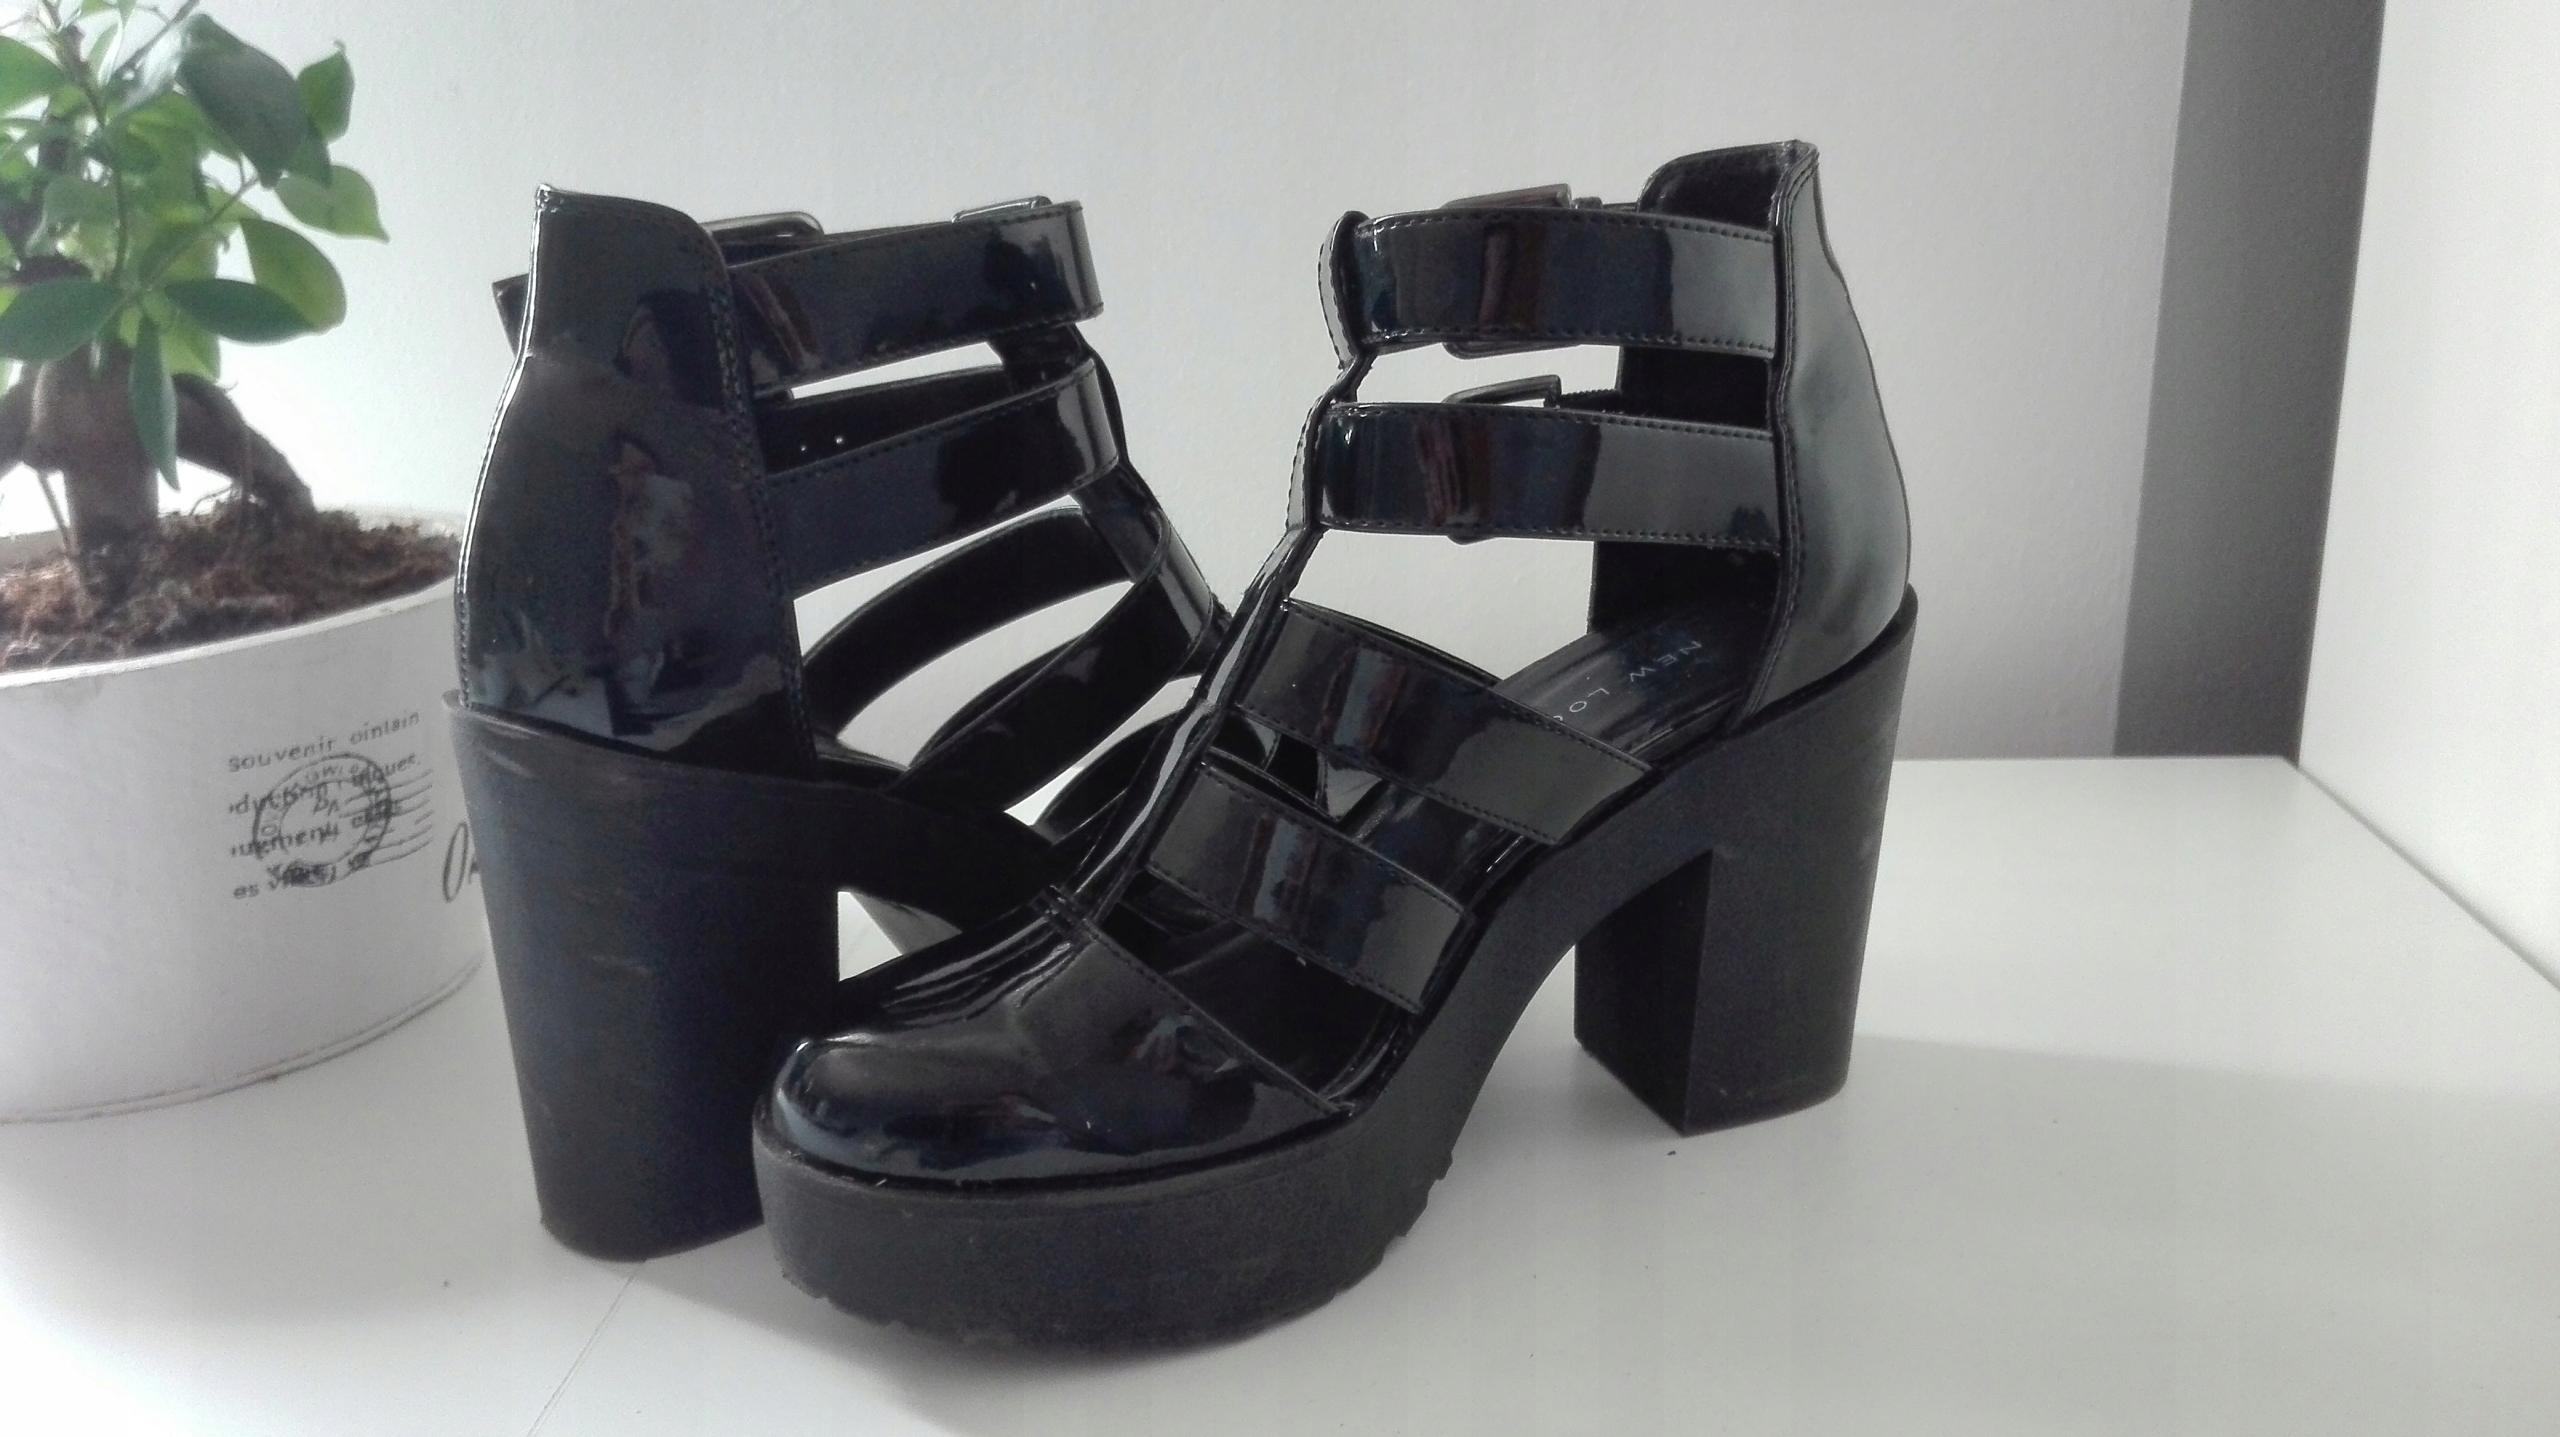 df2128d4ec5ee Buty platformy klamry paski gotyckie gothic - 7495764802 - oficjalne ...